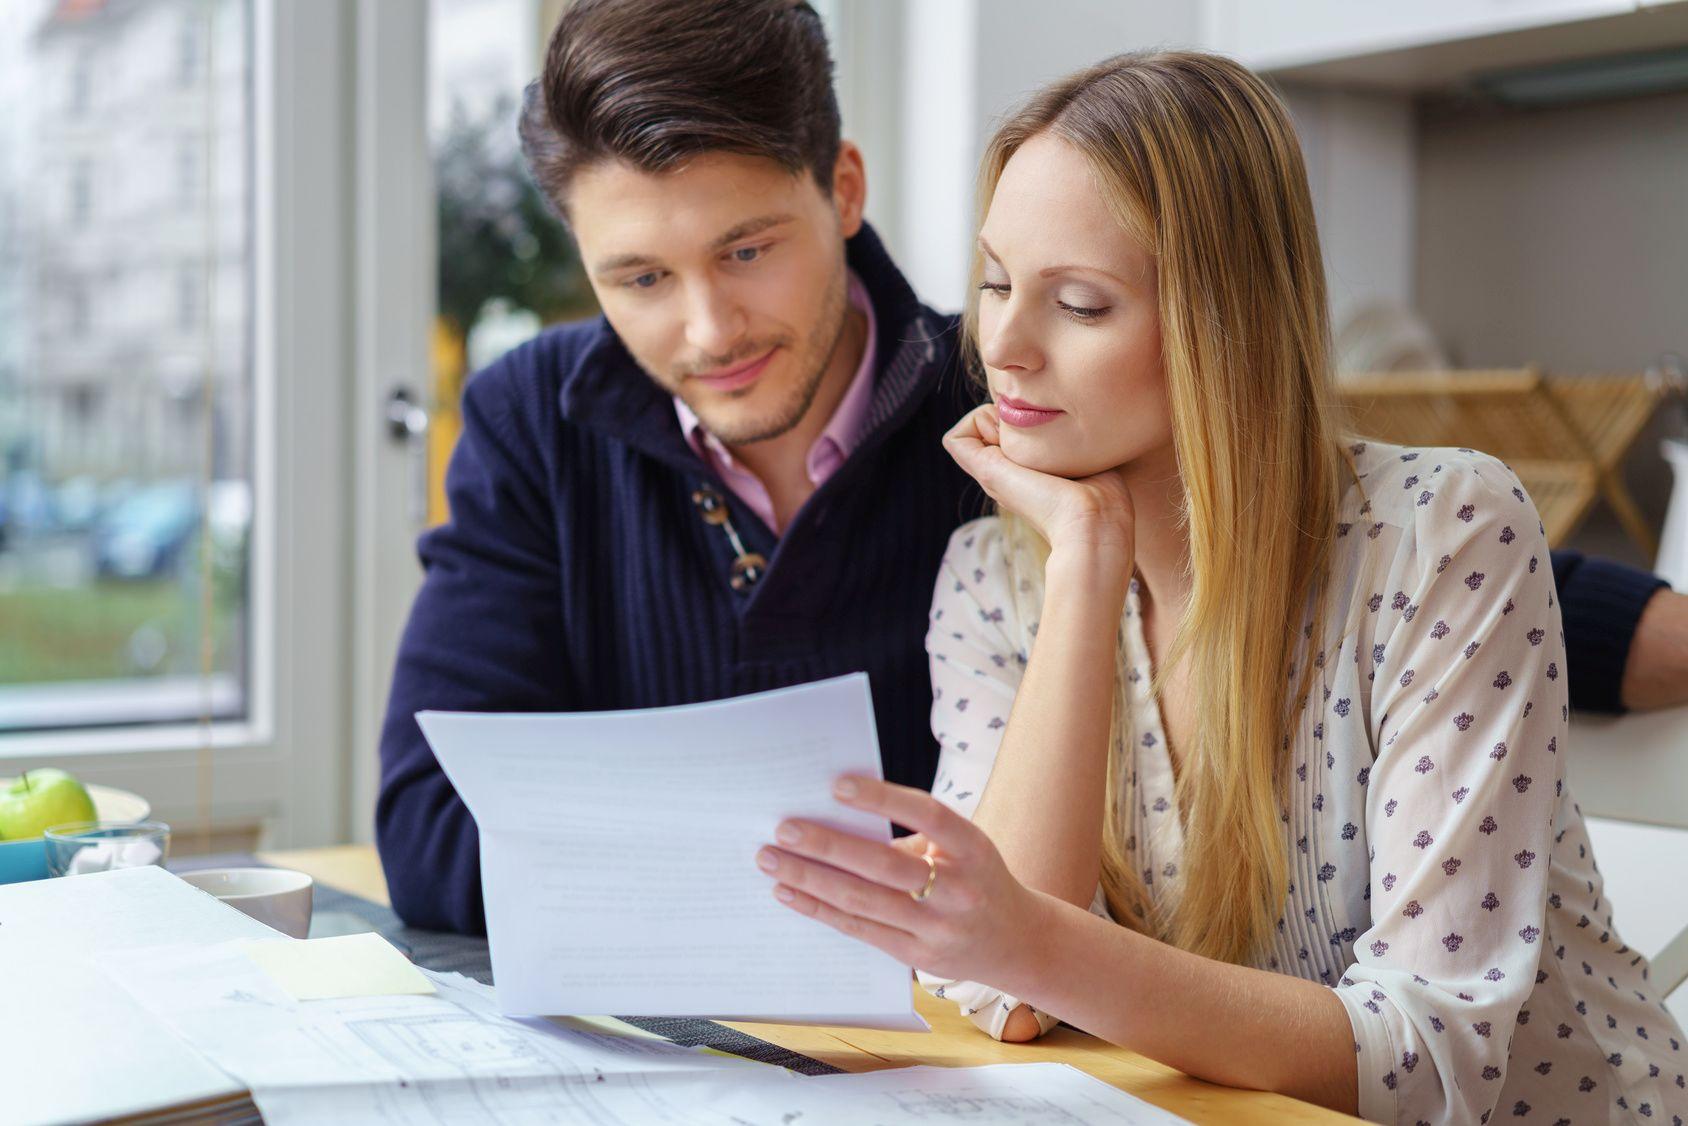 kredyt hipoteczny a kredyt gotówkowy